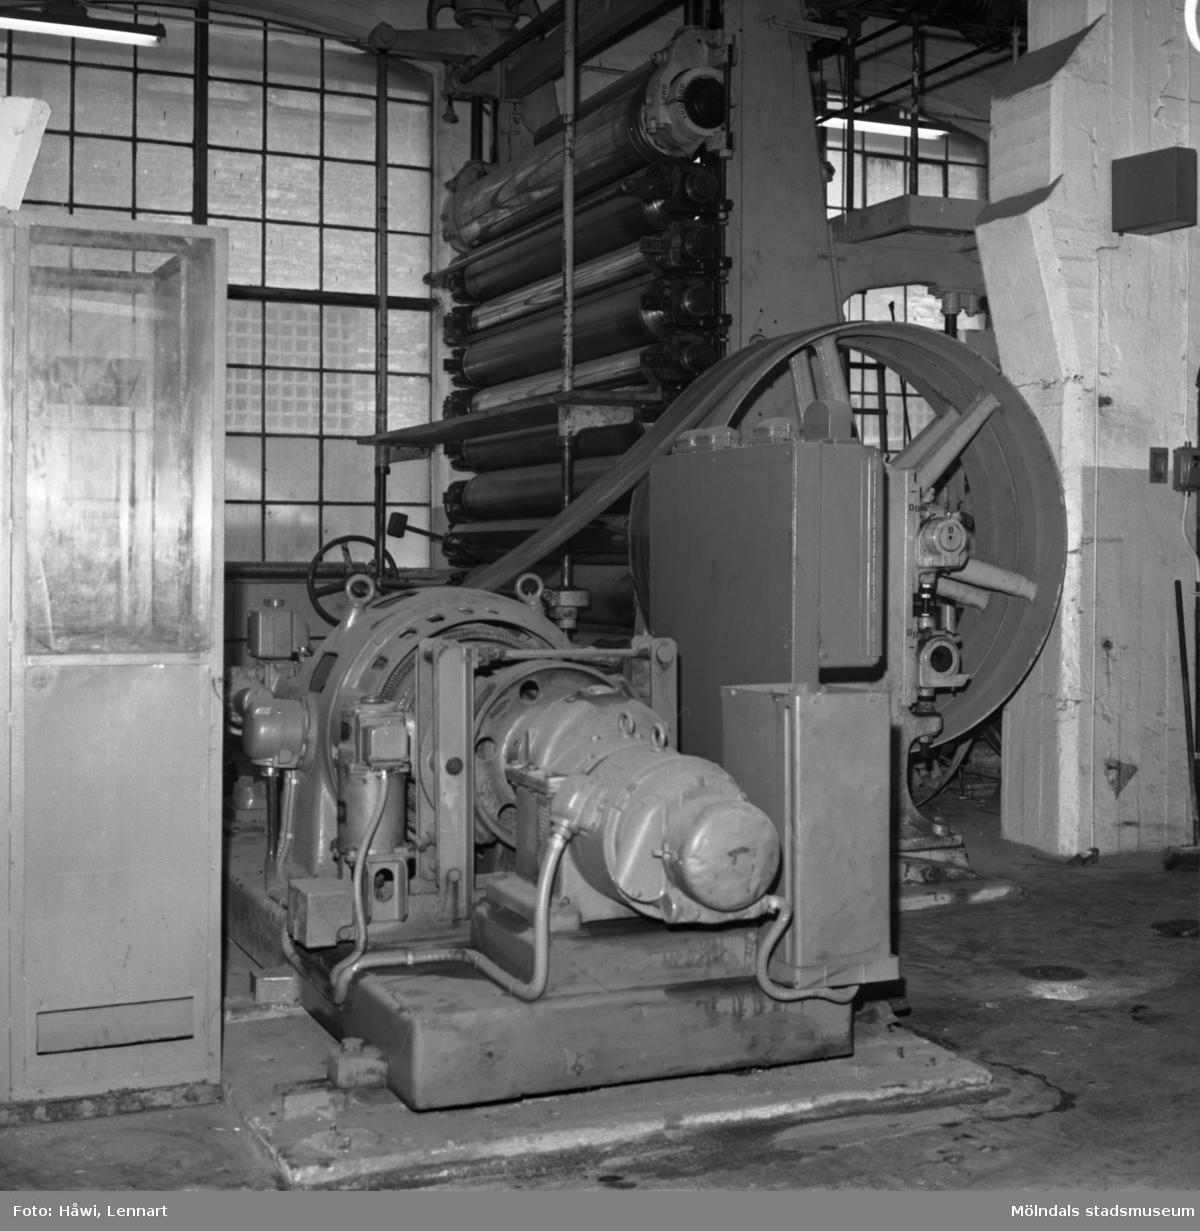 Glätt nr 11 på Papyrus i Mölndal, 27/4 1965.